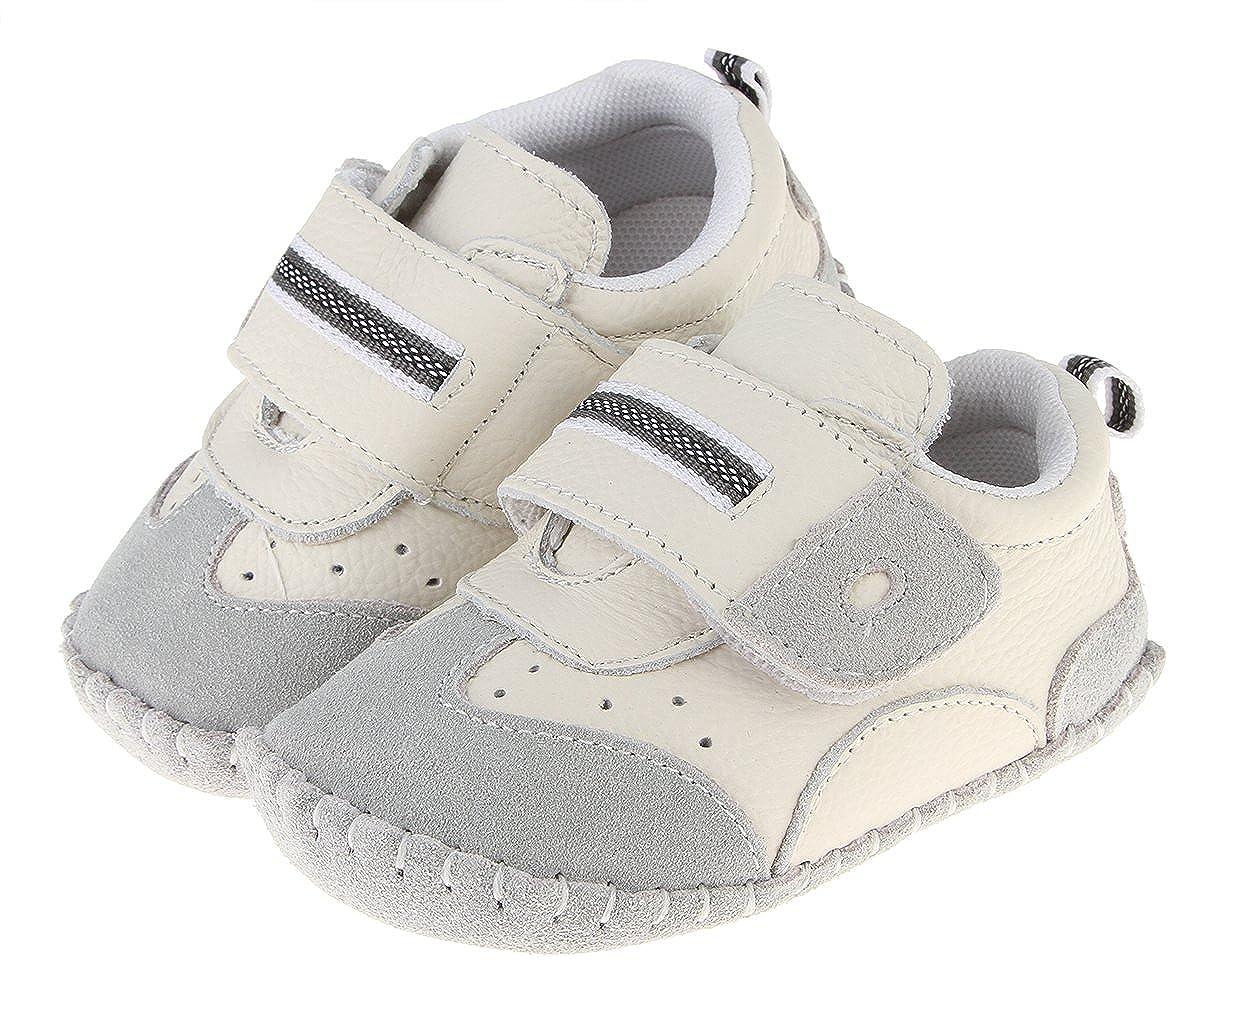 17f0e221150c7 Cloud Kids Chaussures Bébé en Cuir Souple Premier Pas Chausson Cuir Bébé Fille  Chaussure Bébé Garçon